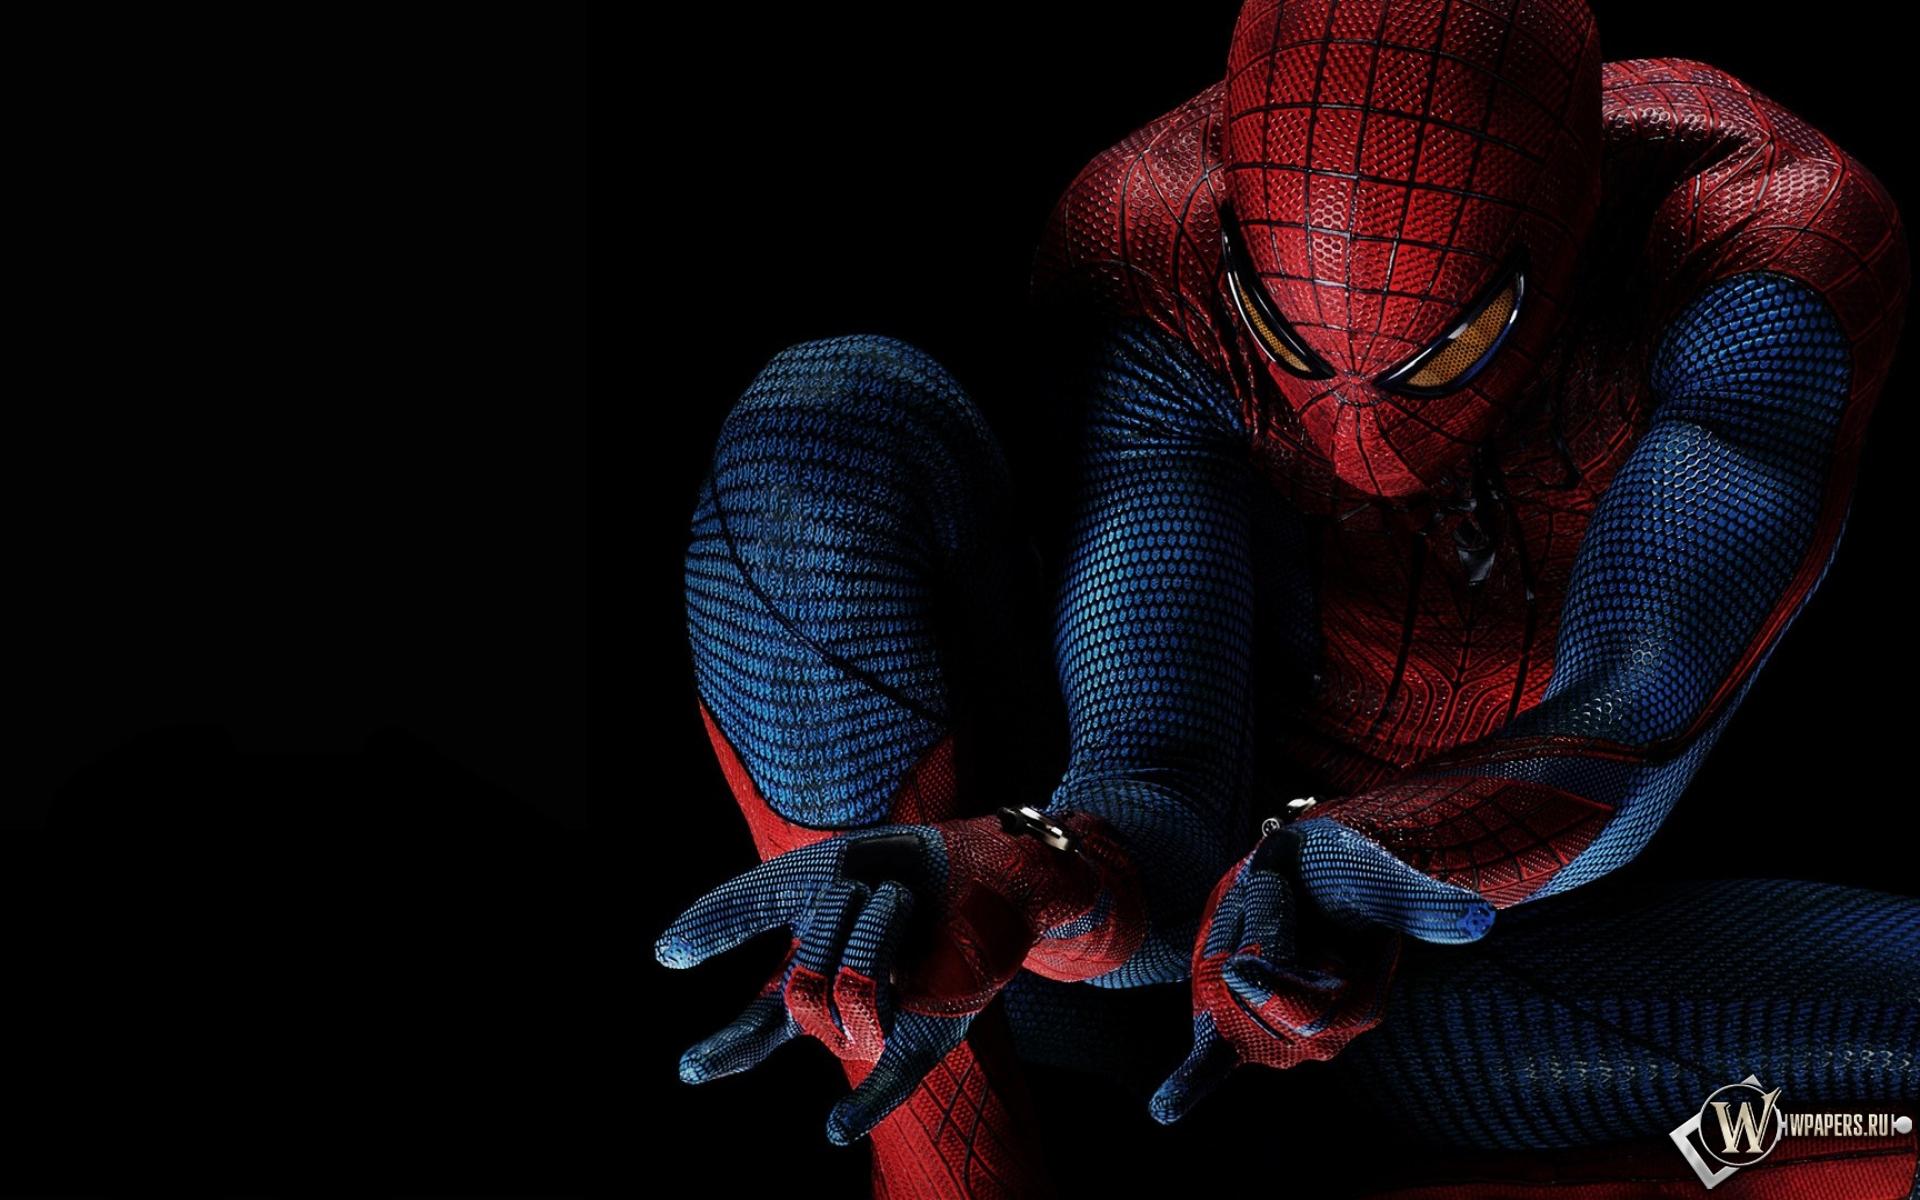 Скачать The Amazing SpiderMan 2 торрент бесплатно